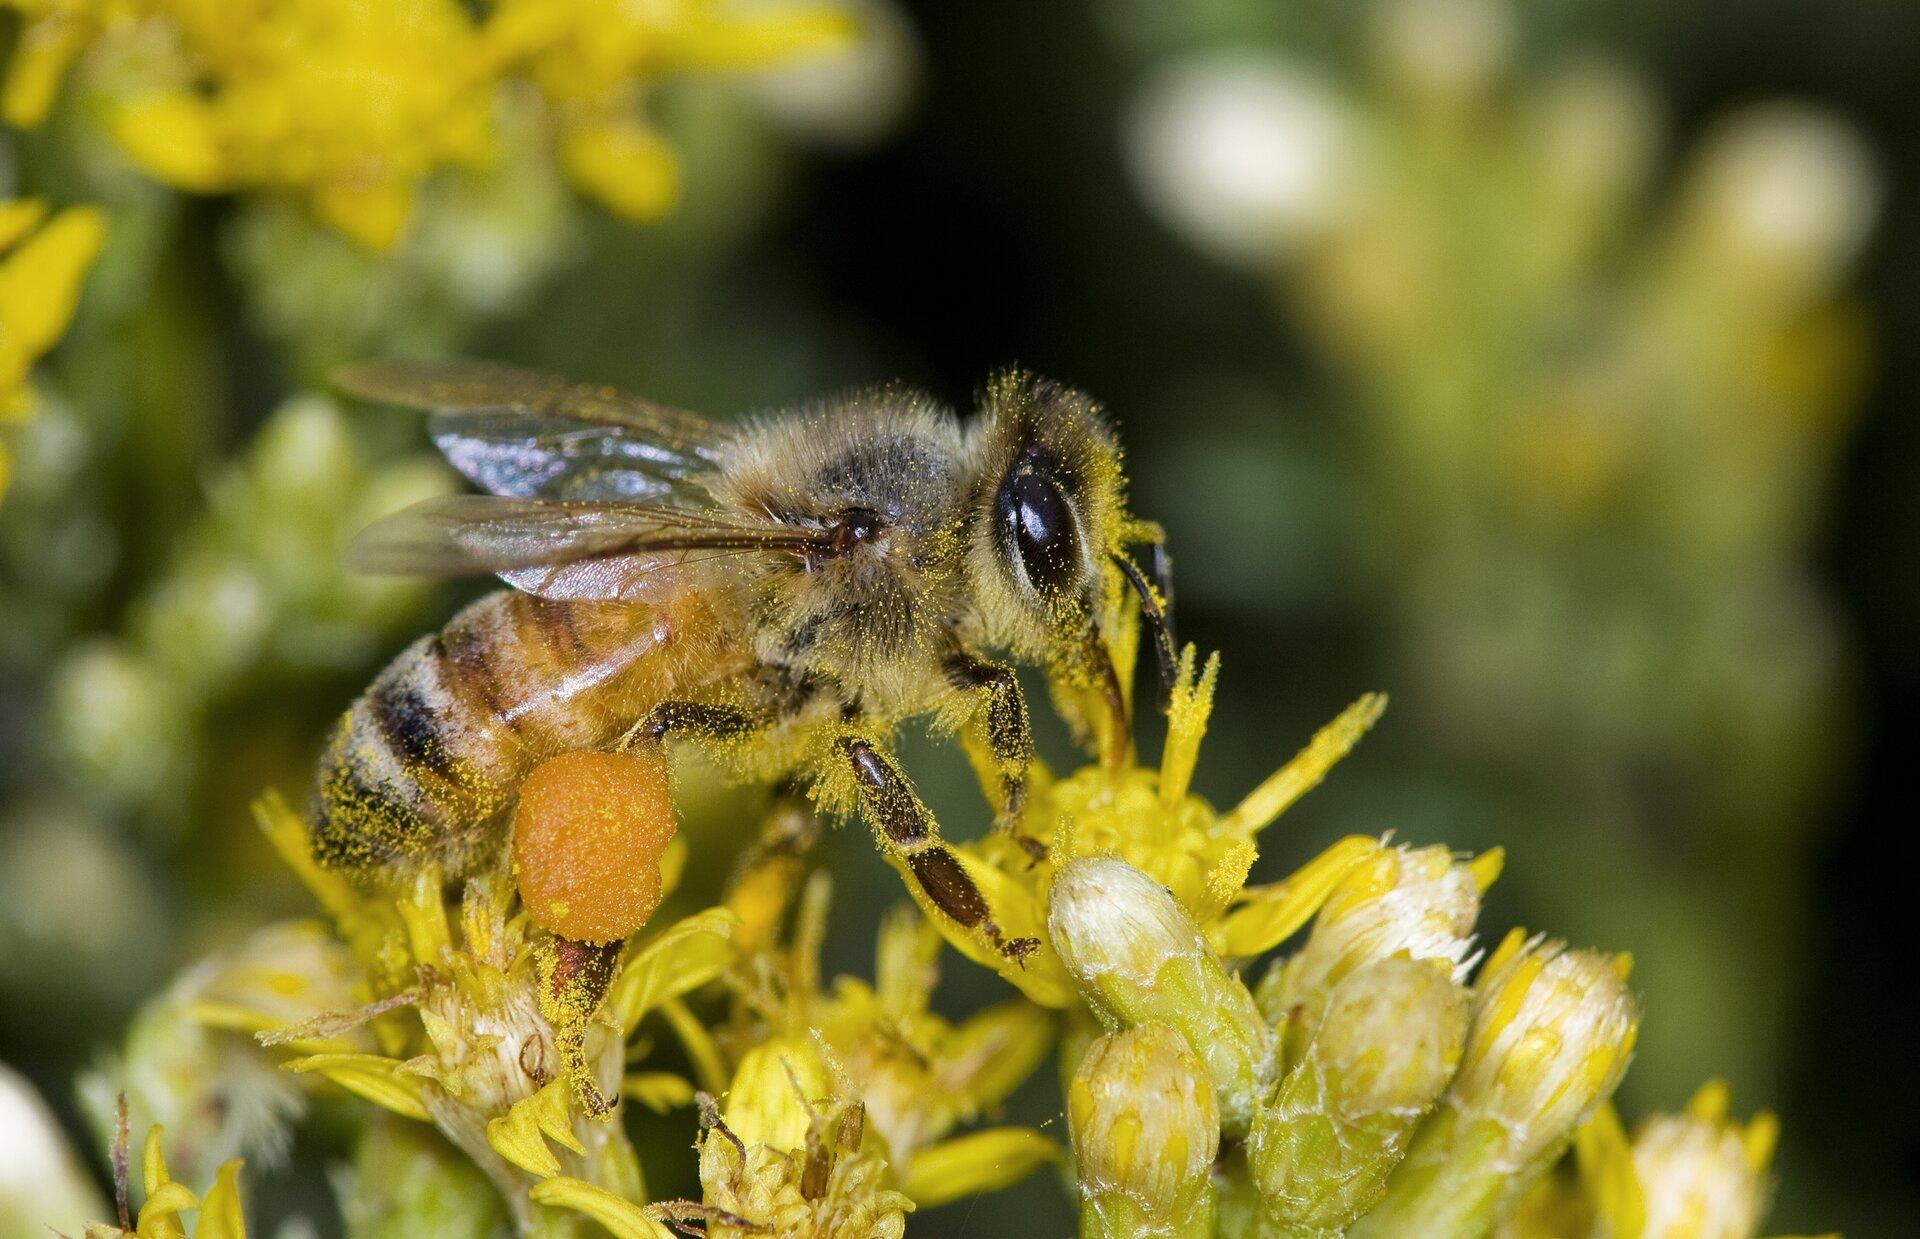 Zdjęcie przedstawia pszczołę na kwiatostanach. Pszczoła opiera się na koszyczkach drobnych żółtych kwiatów. Głowa pszczoły po prawej stronie zdjęcia. Odwłok wczarnożółte pionowe paski po lewej. Na tylnych odnóżach zgromadzony pyłek wkształcie kuli. Cały odwłok pszczoły, przód głowy oraz odnóża pokryte są żółtym drobnym pyłkiem.